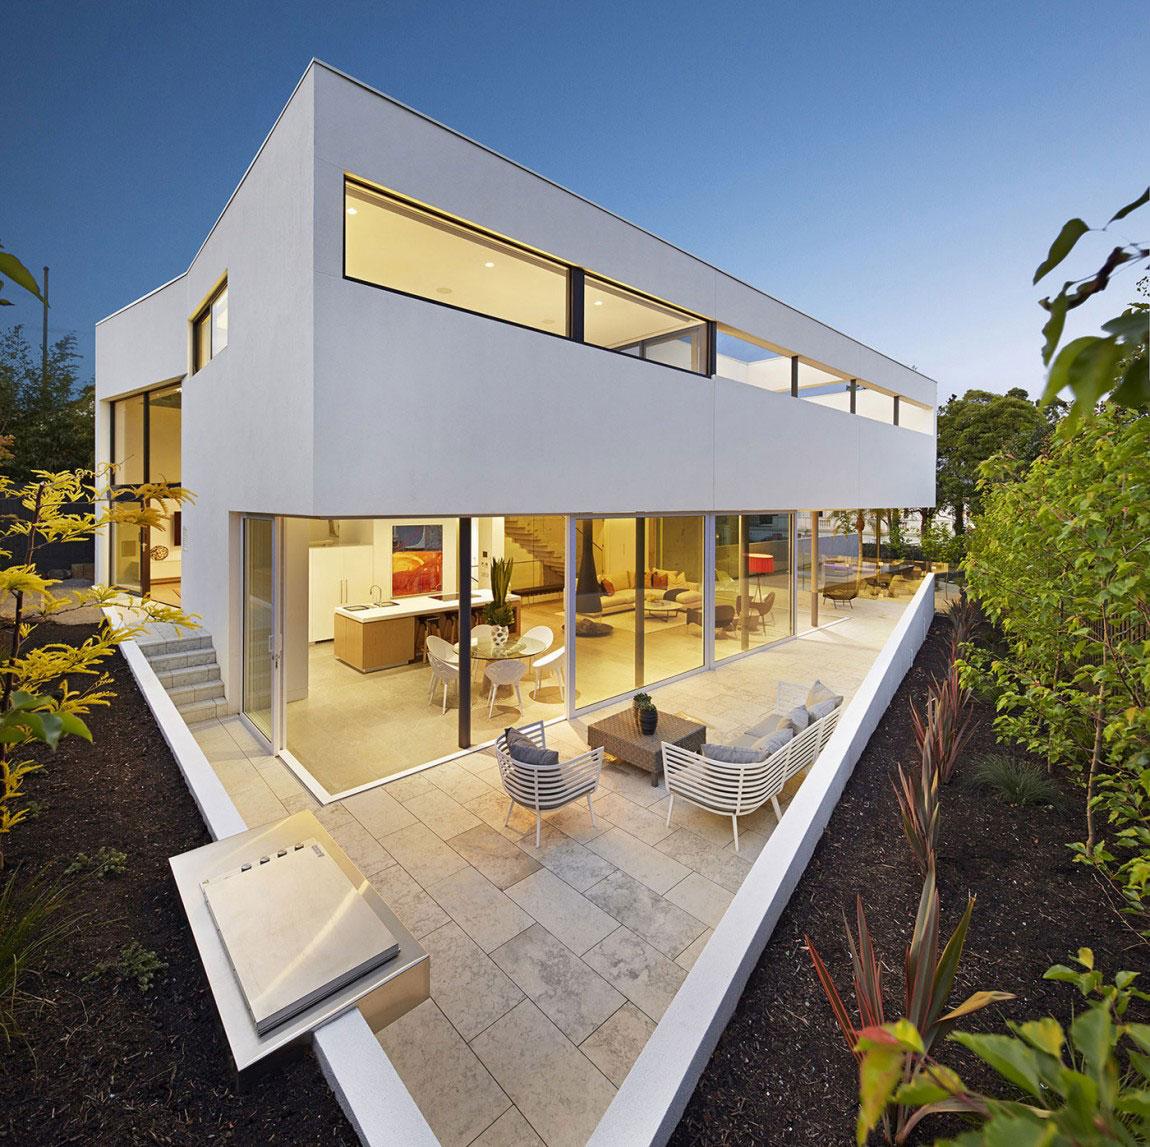 Ett riktigt fantastiskt hus, Boandyne-huset är-16 Ett riktigt fantastiskt hus, Boandyne-huset